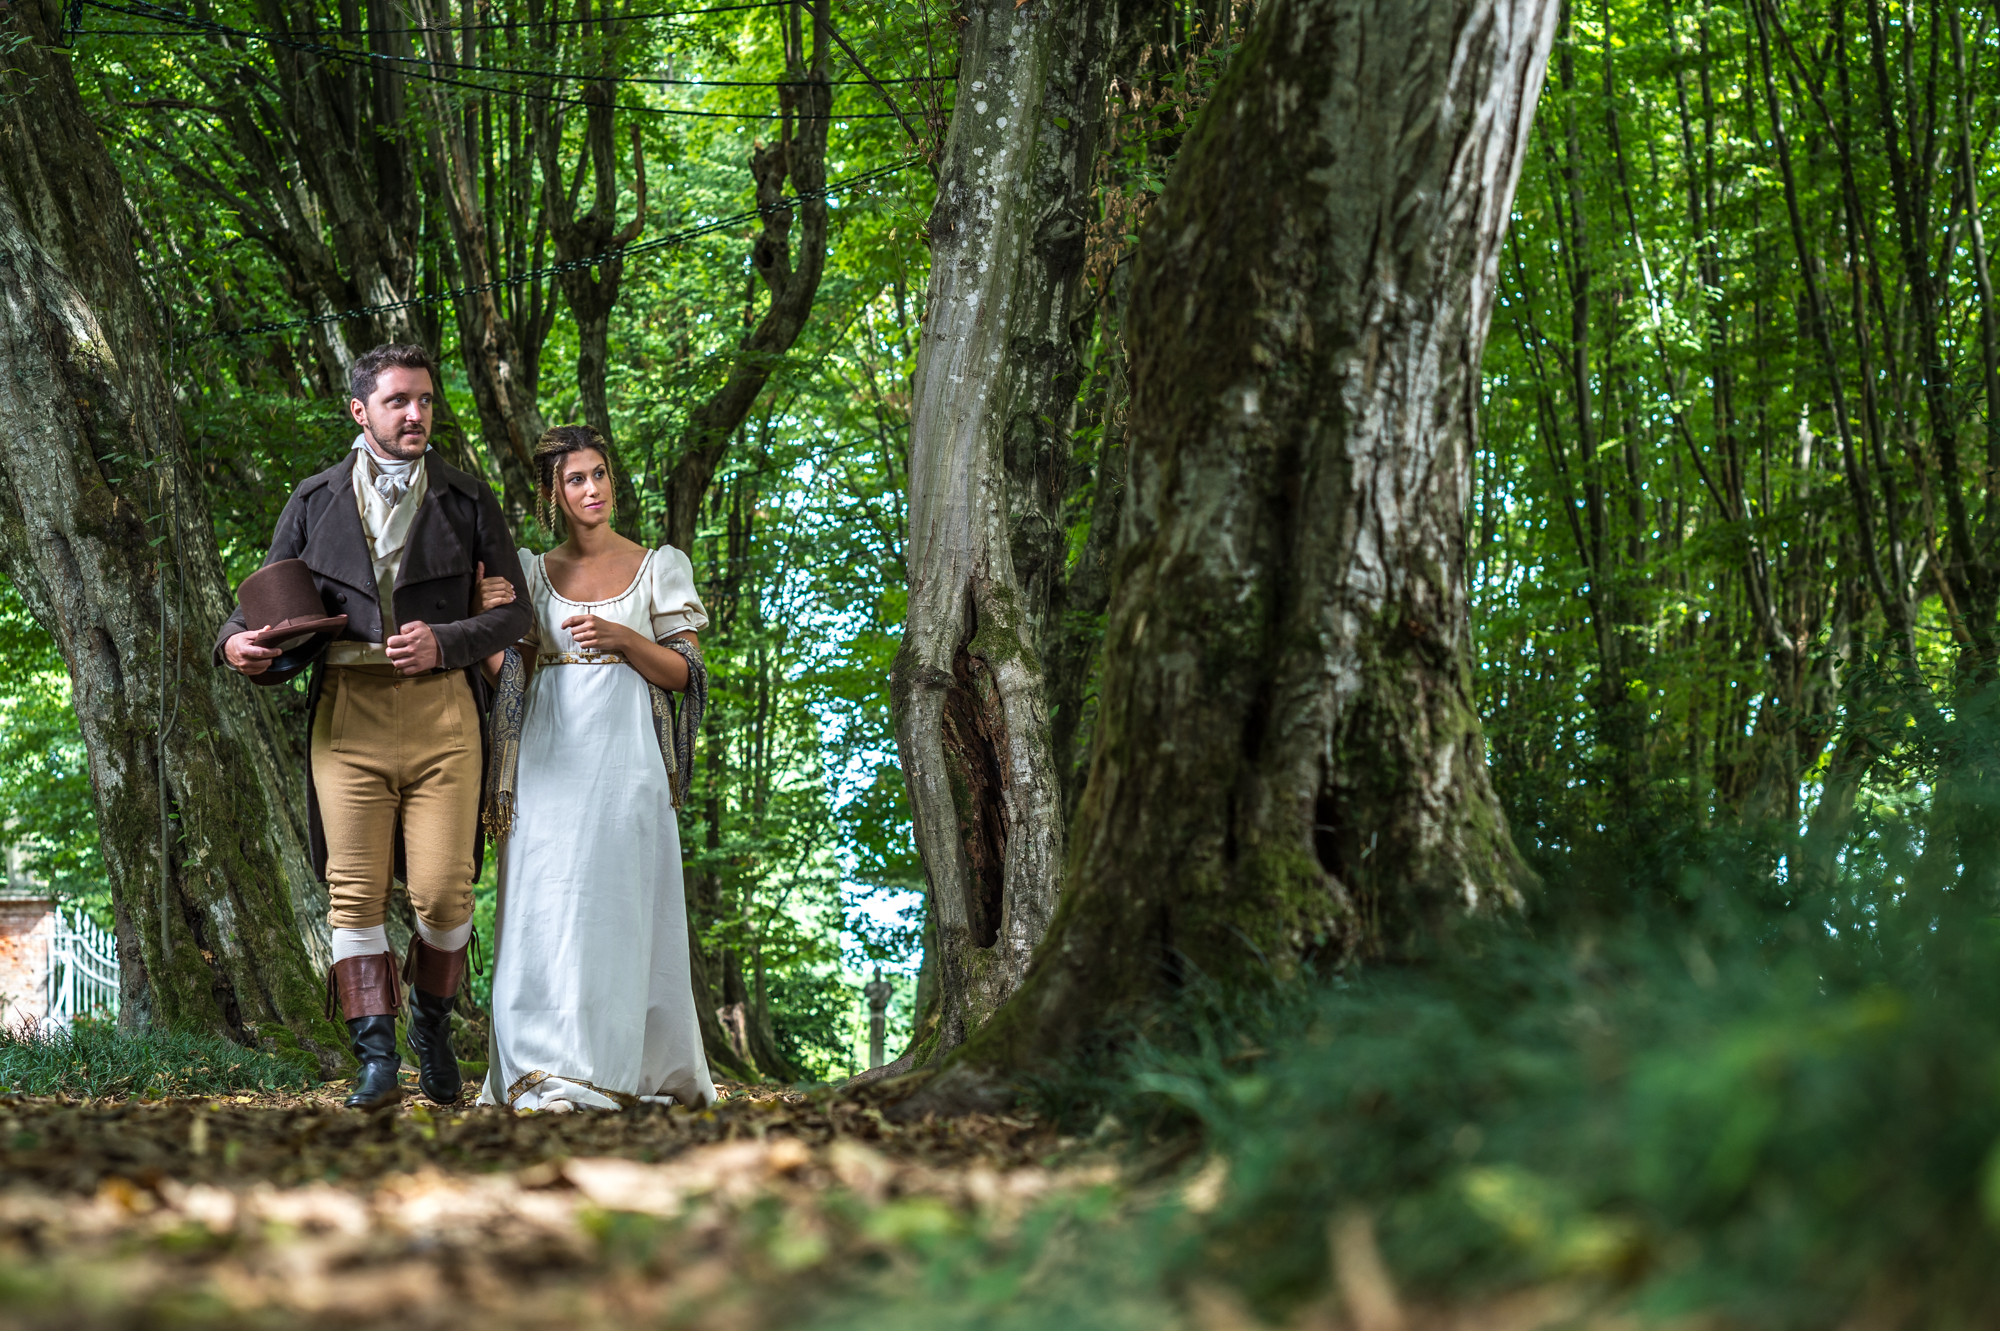 sposi matrimonio jane austen